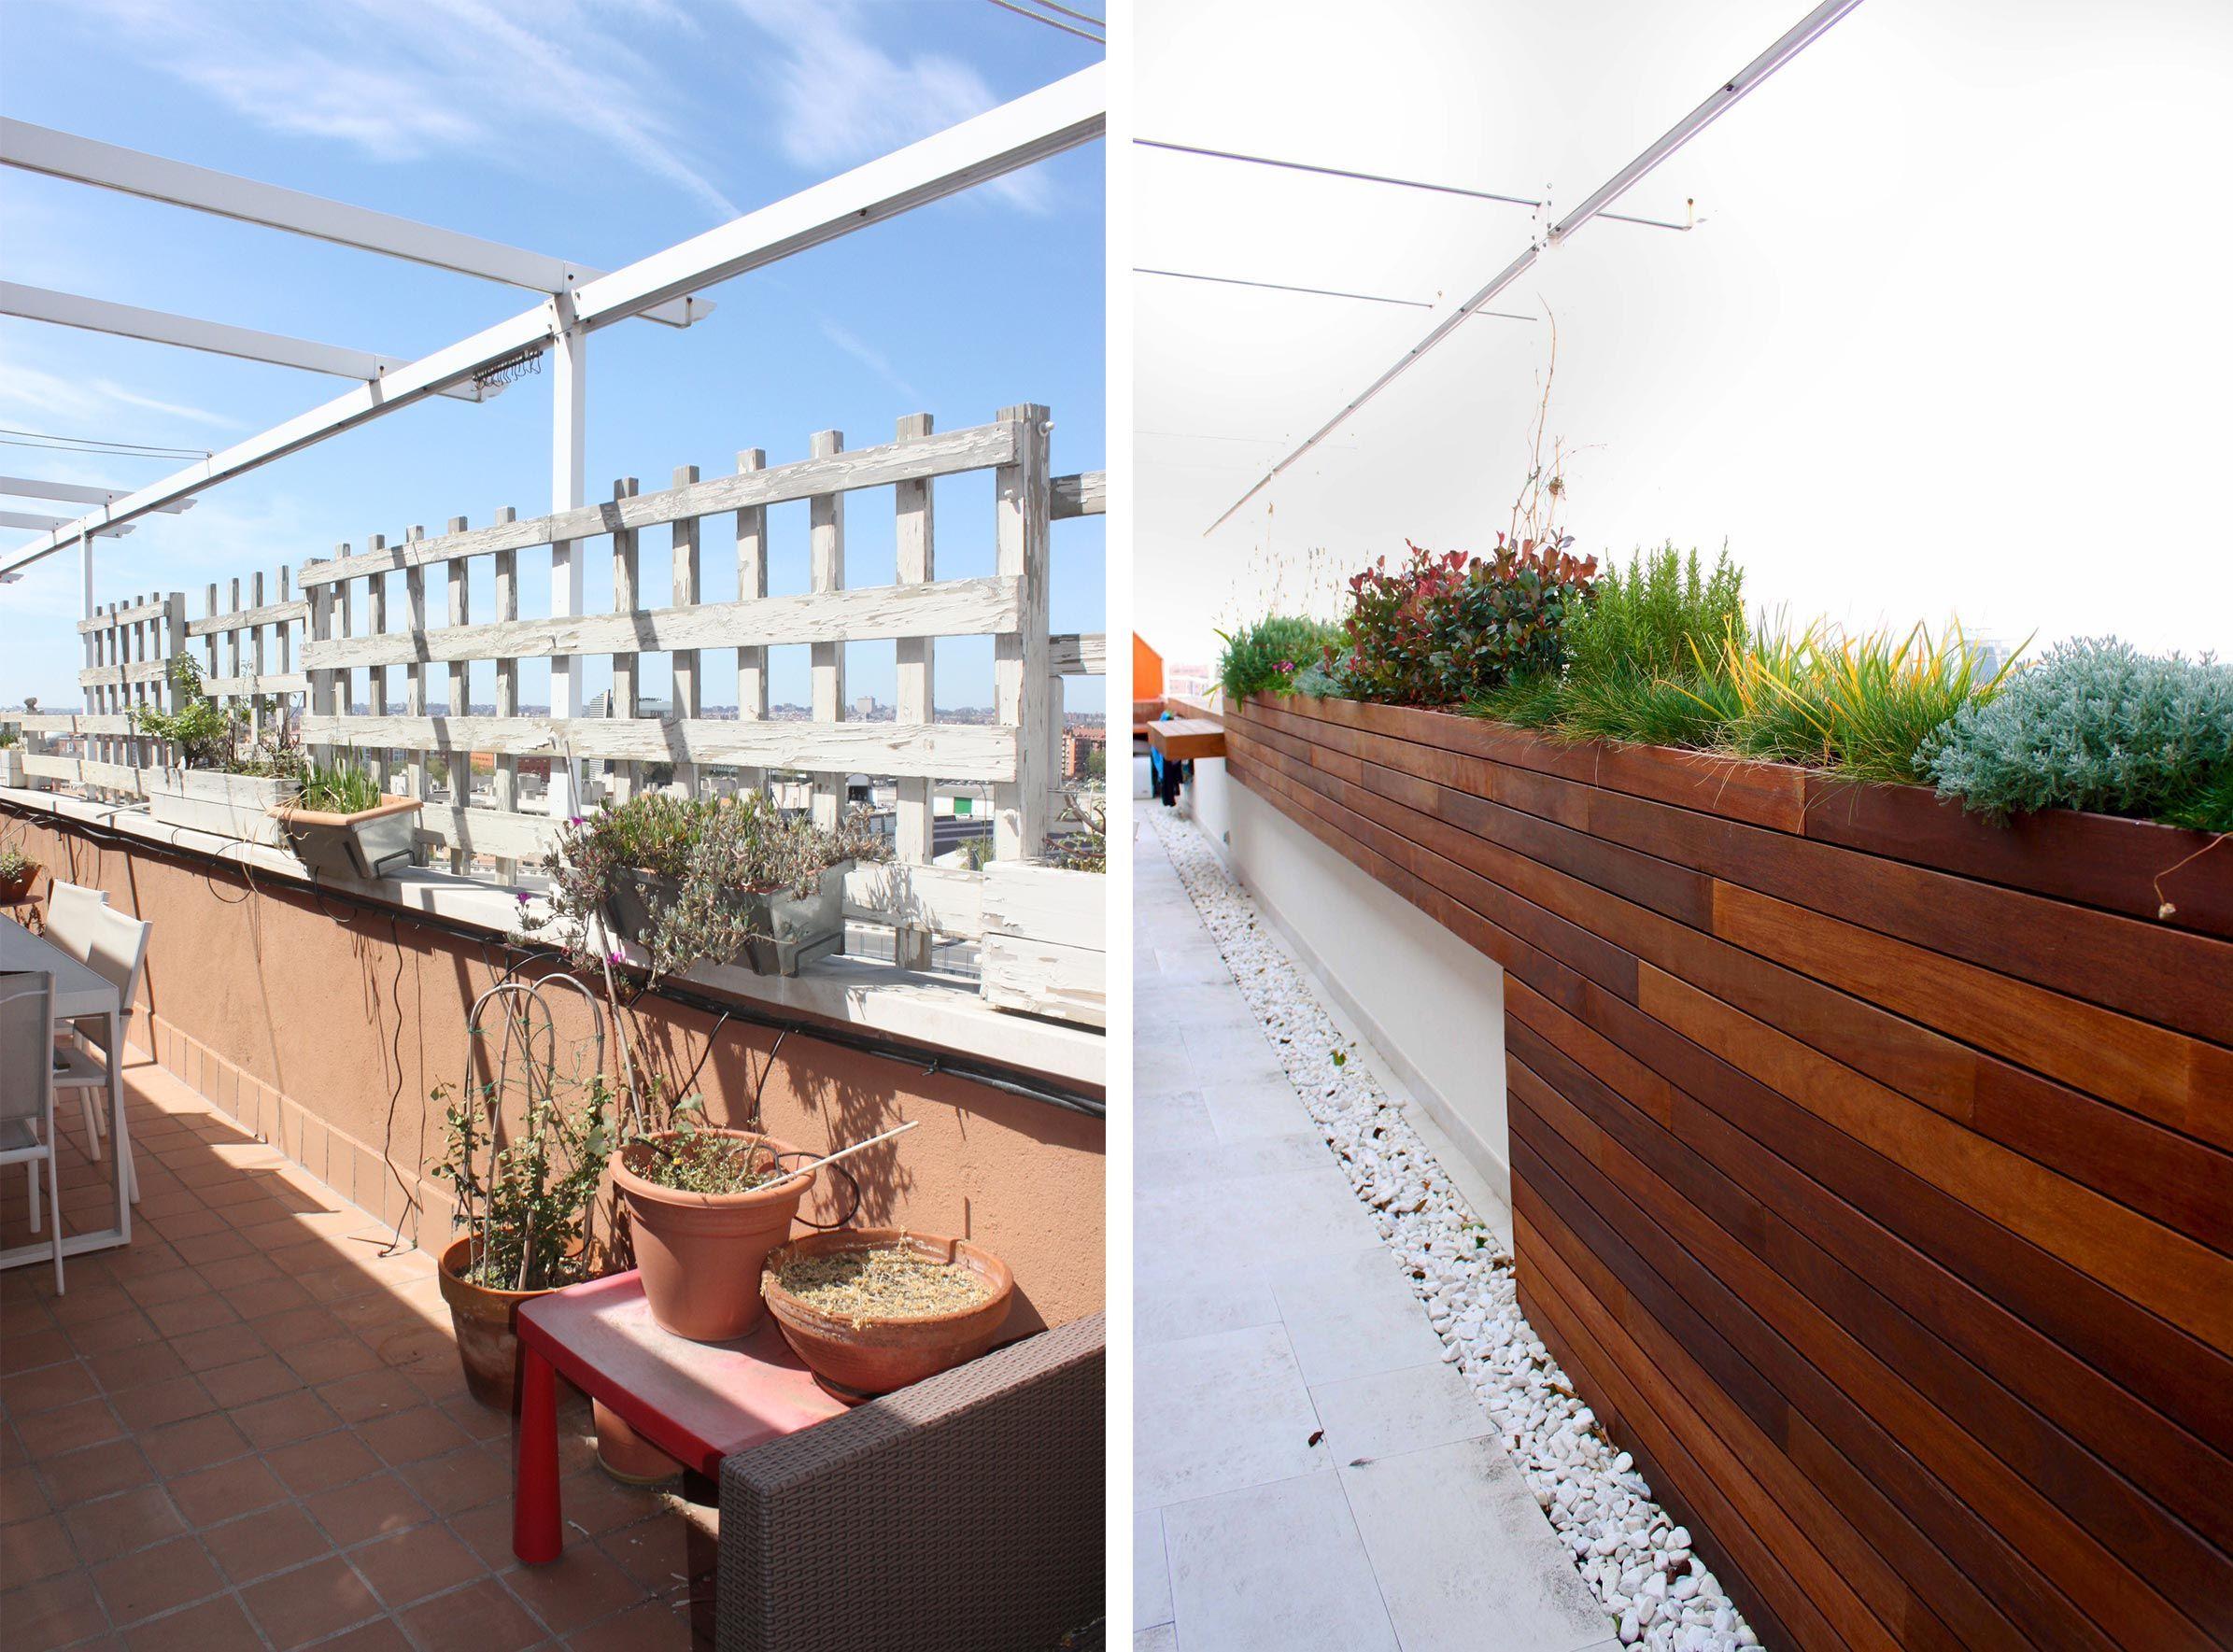 Terraza en madrid con aires mediterr neos la habitaci n verde - Diseno jardines madrid ...